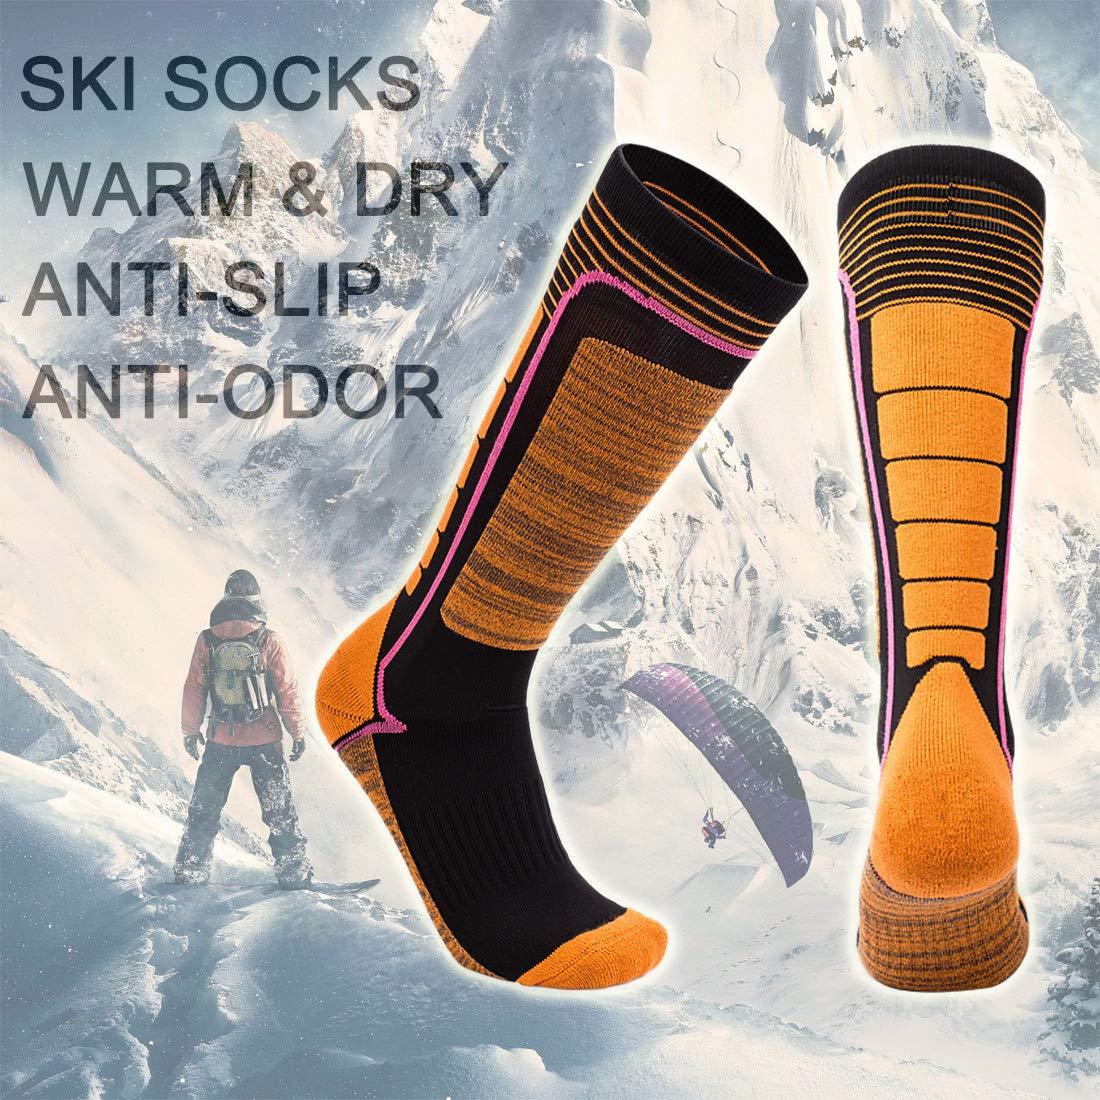 LORYLOLY 2 Pares Calcetines de Esquí para Hombre Mujer Niño Niña, Unisex Largos Calcetines Térmicos para Adultos y Niños, Invierno Nieve Calcetines Gruesos ...